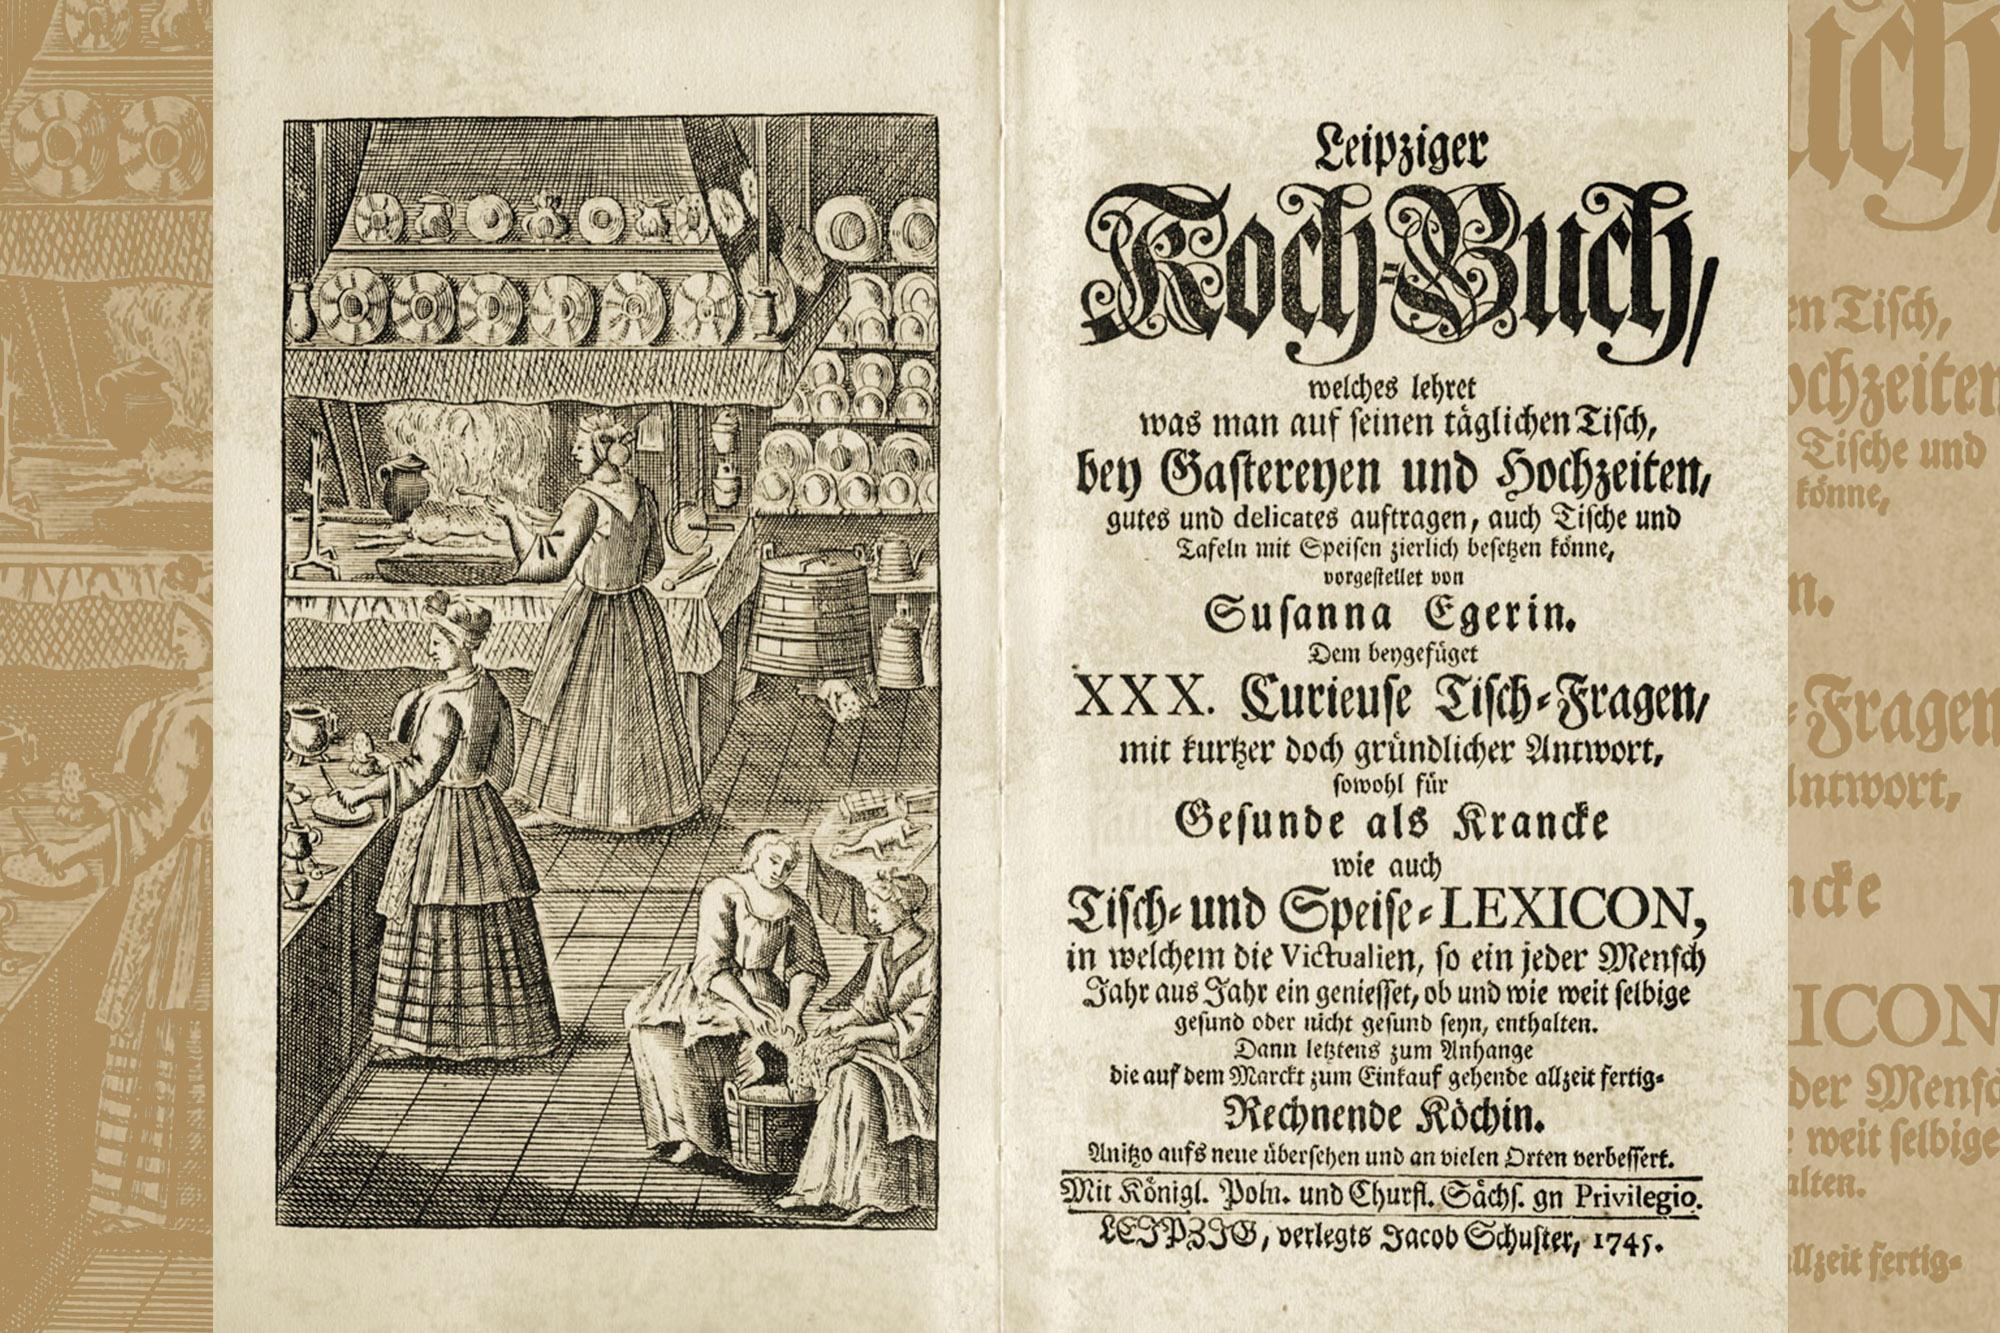 Susanna Eger - Türkischer Reis - Kulinarische Archäologie